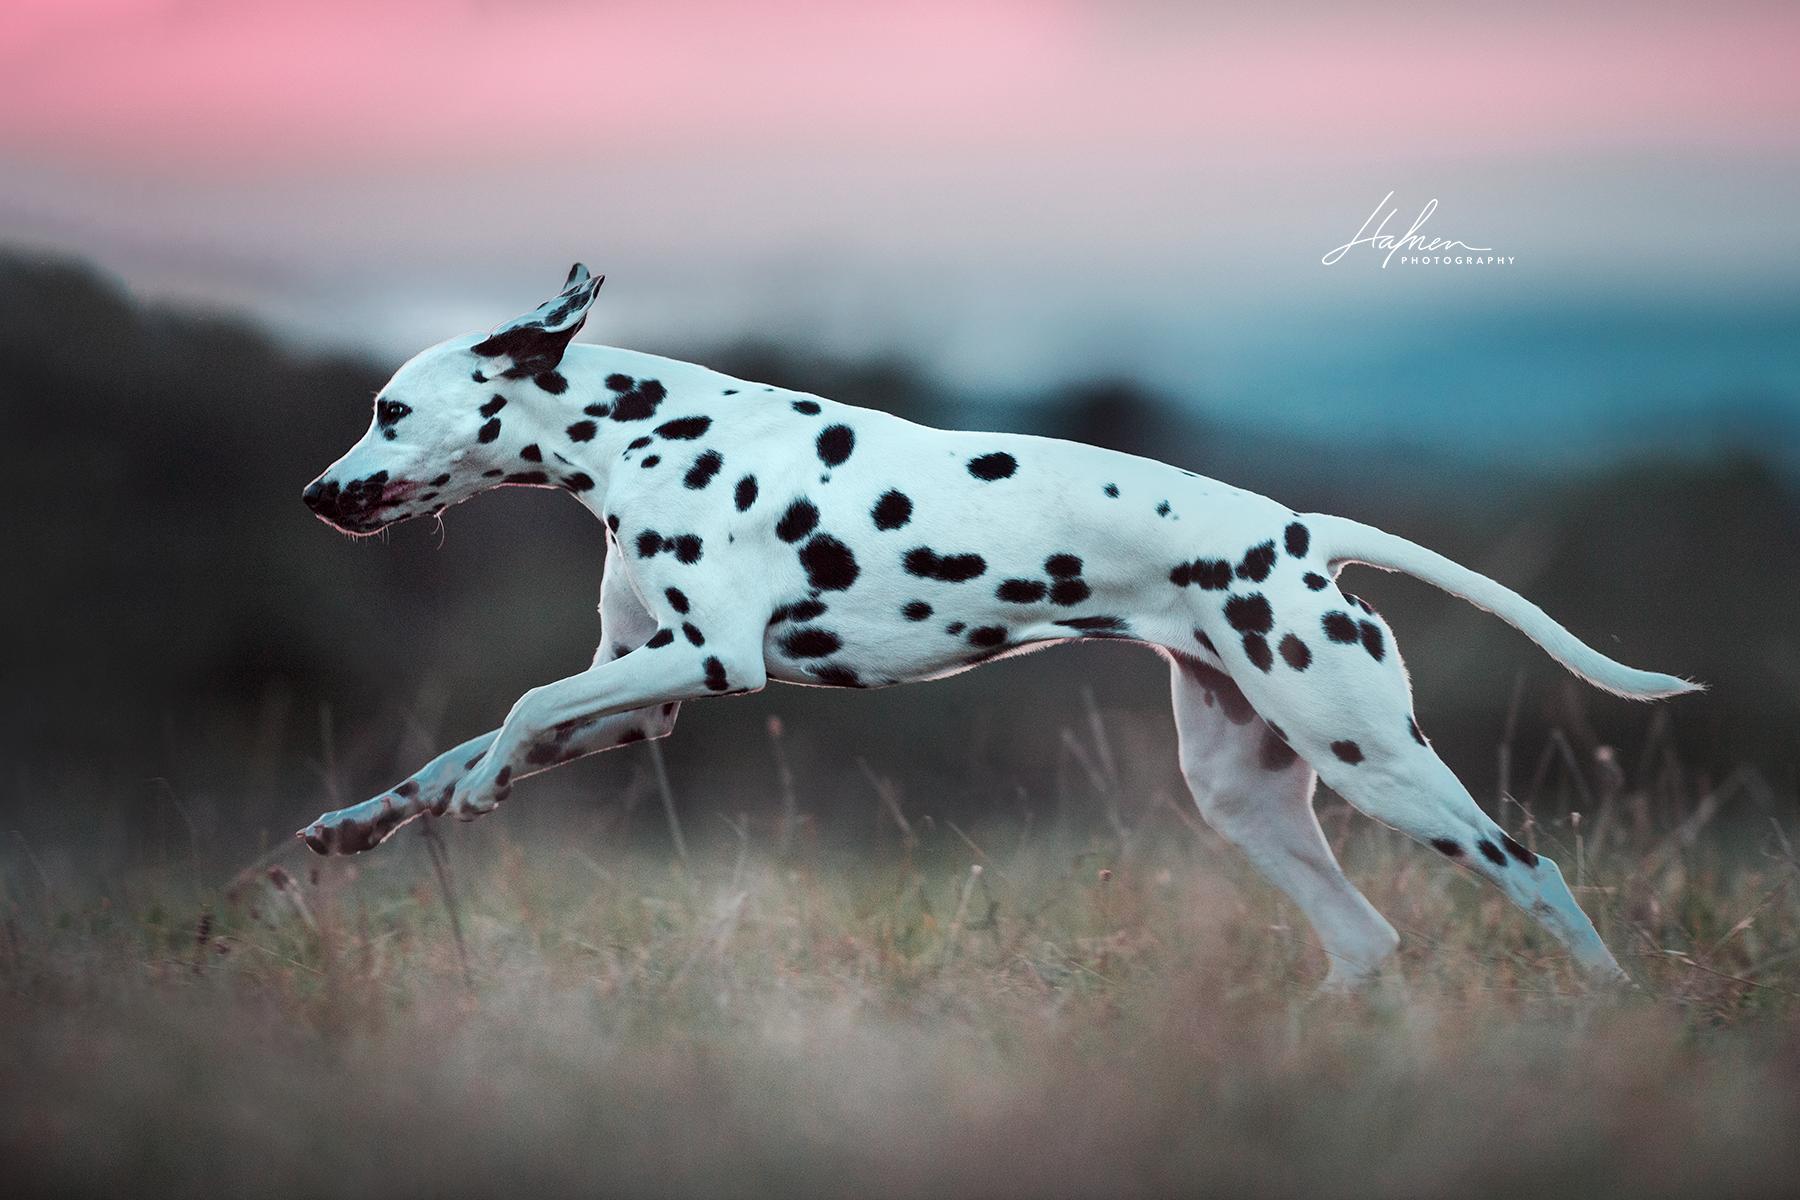 Dalmatiner Springt Uber Die Wiese Hundefotografie Pferde Fotografie Hunde